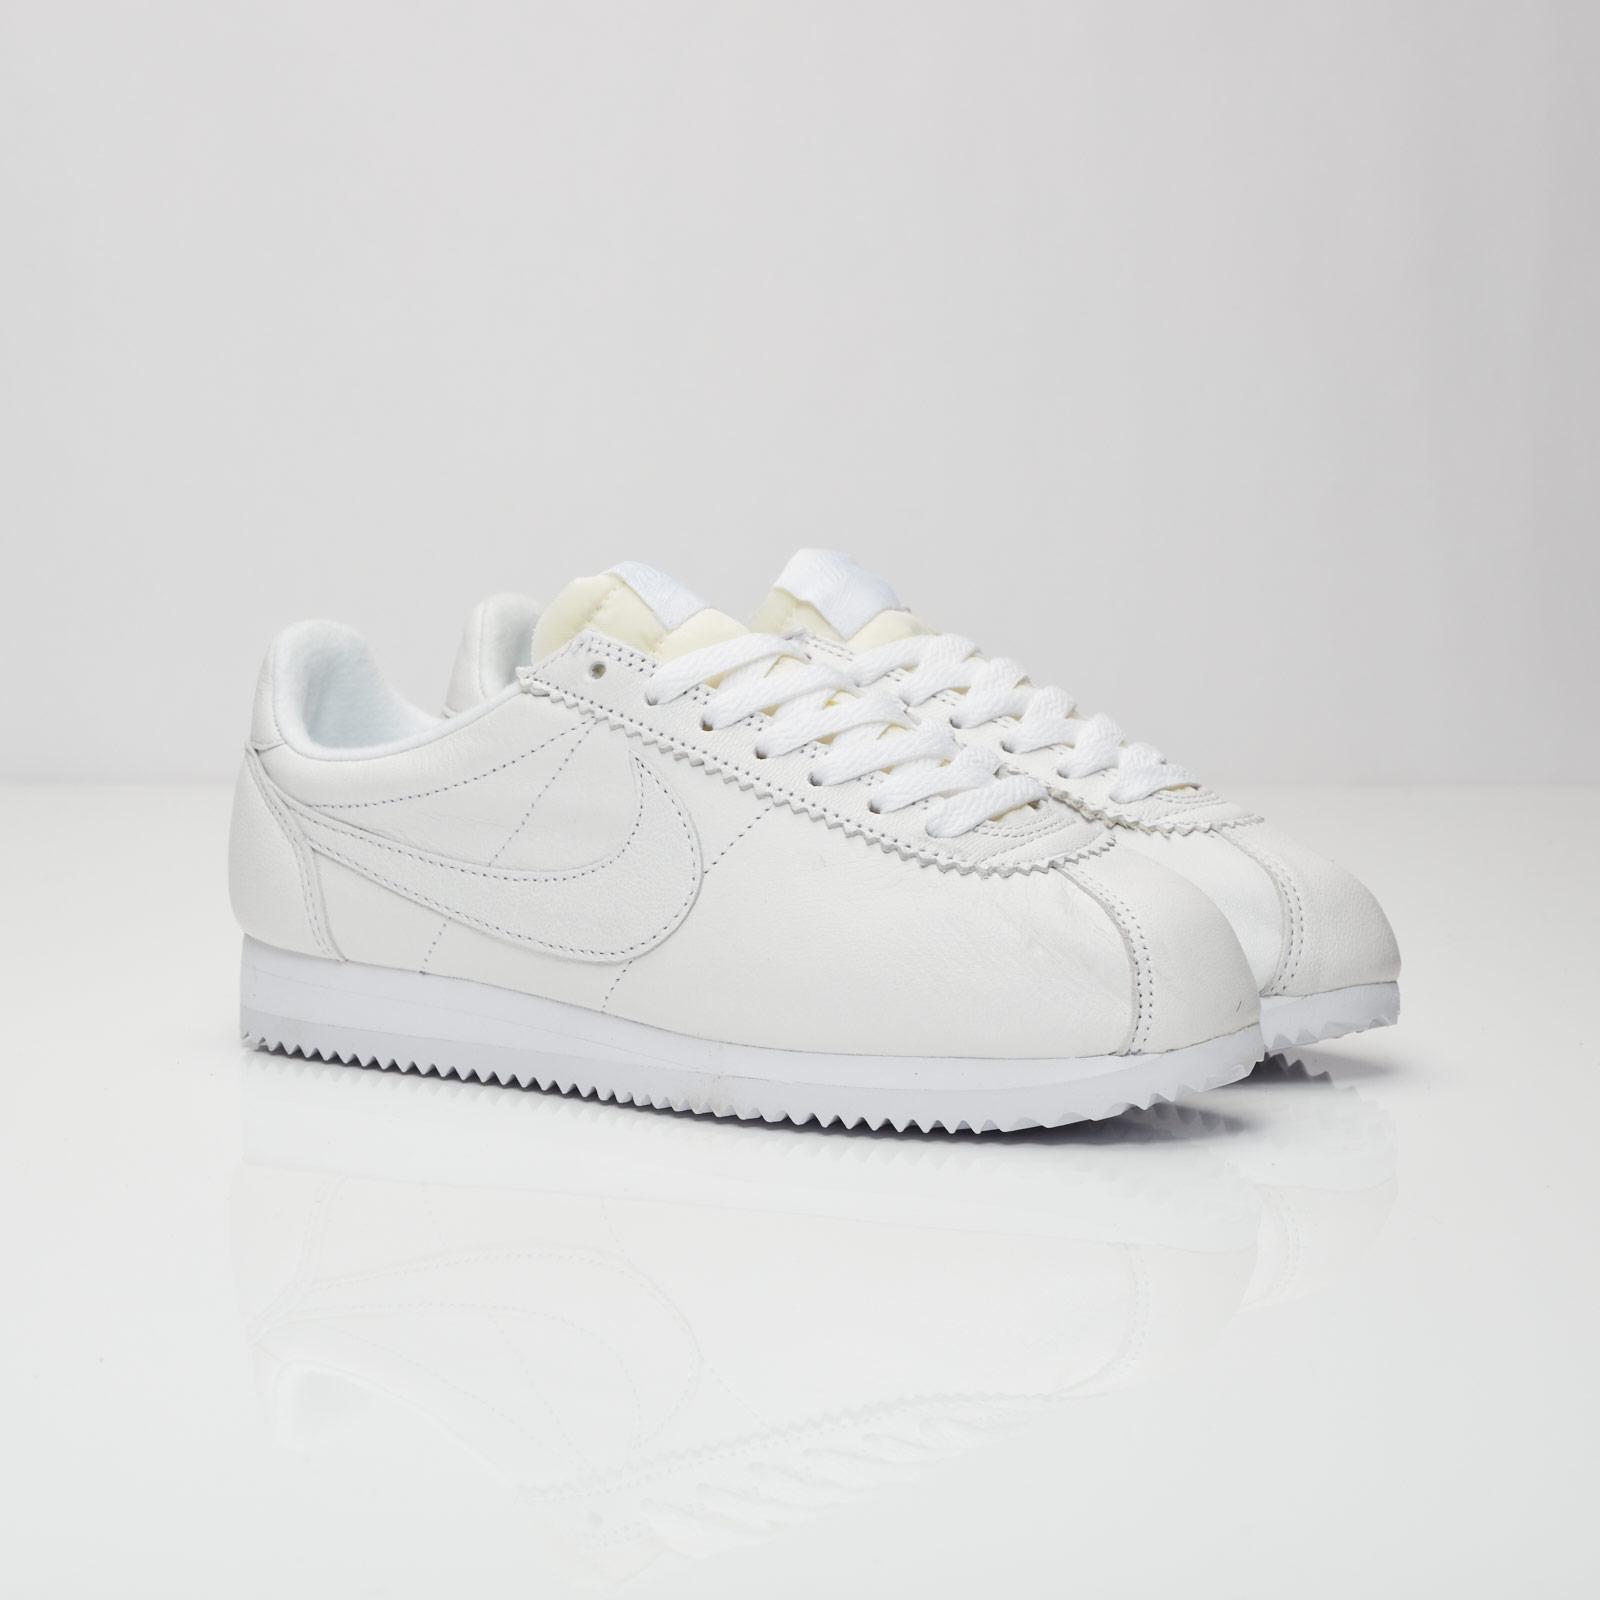 Nike Wmns Classic Cortez Leather Premium - 833657-110 ... fca0efdc69e1